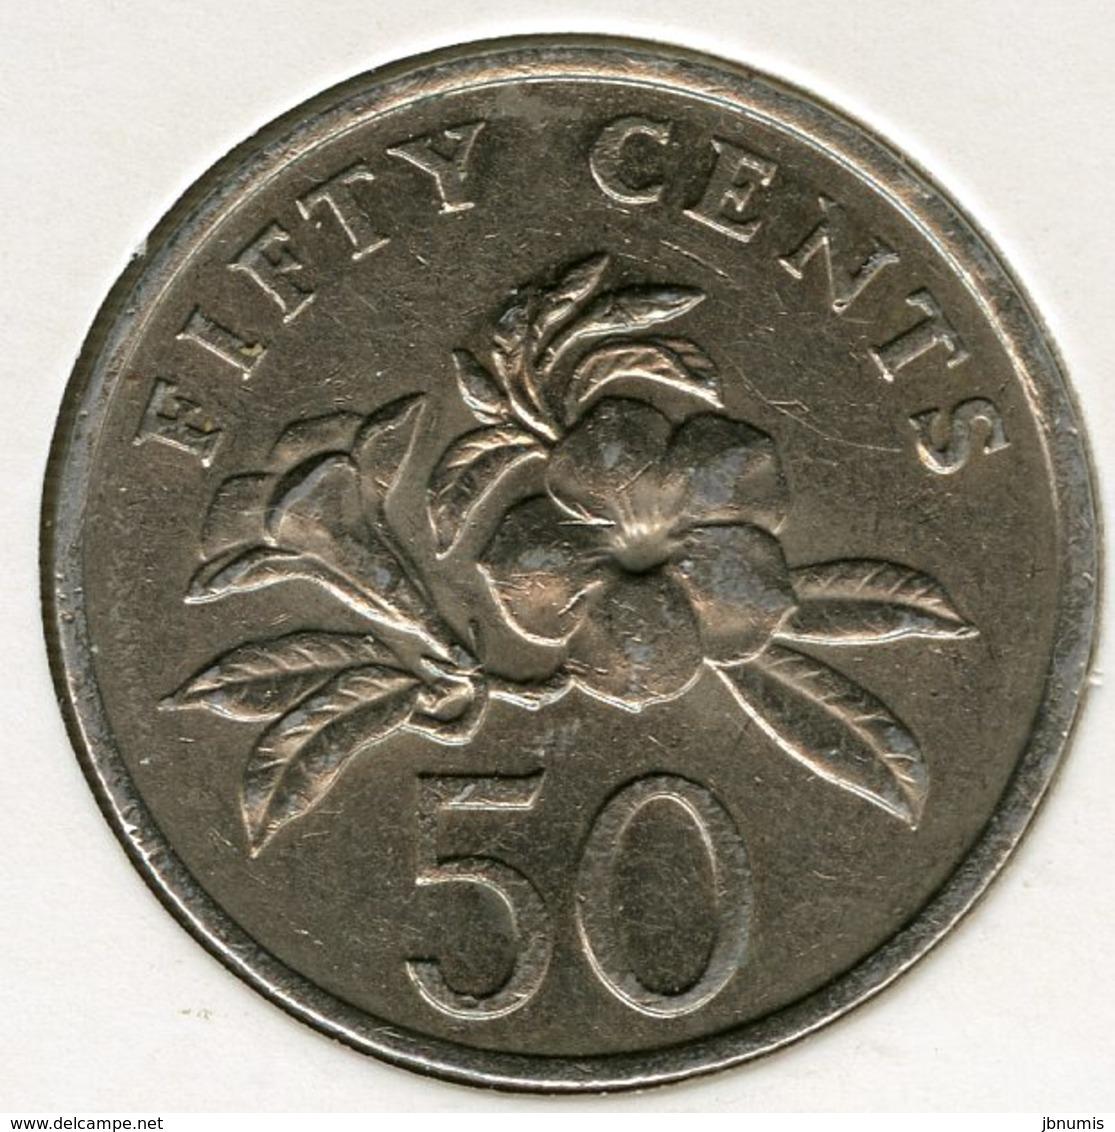 Singapour Singapore 50 Cents 1985 KM 53.1 - Singapour